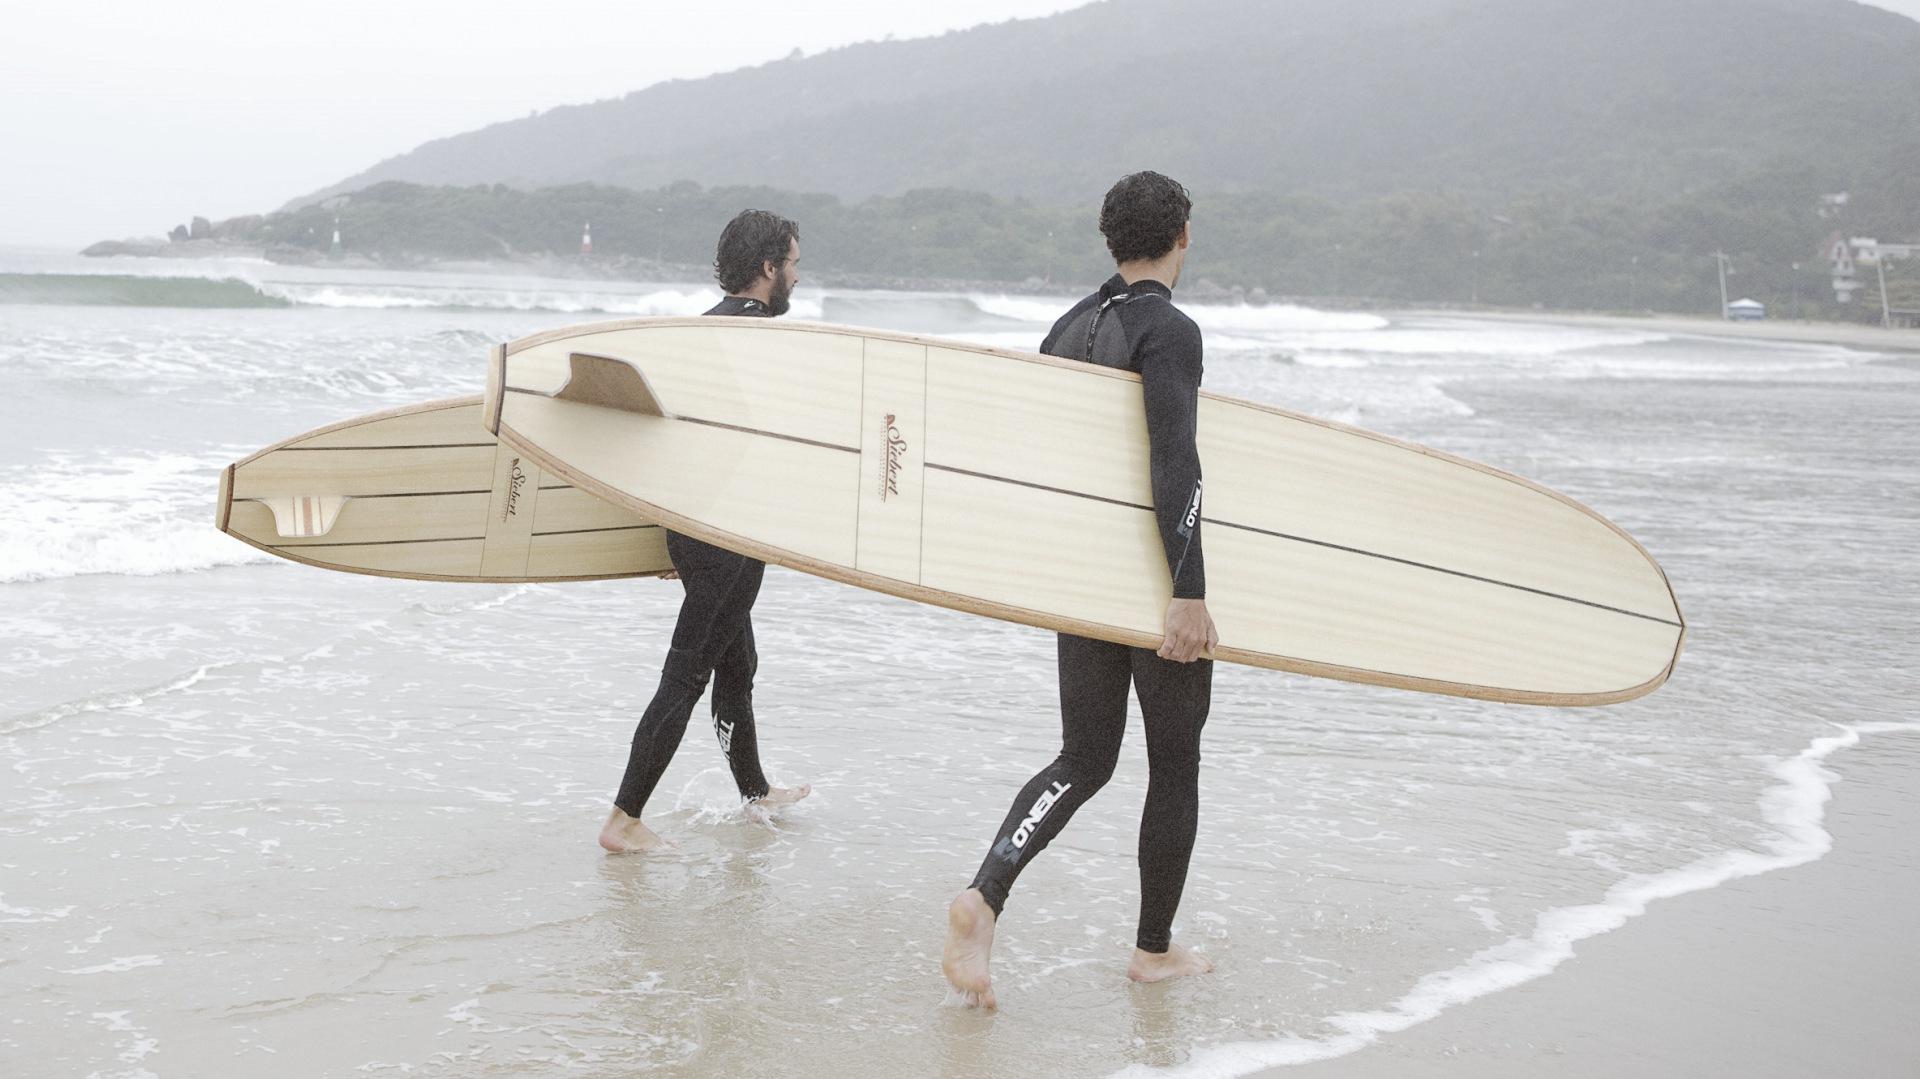 Felipe-fabio-longboard-siebert-surfboards